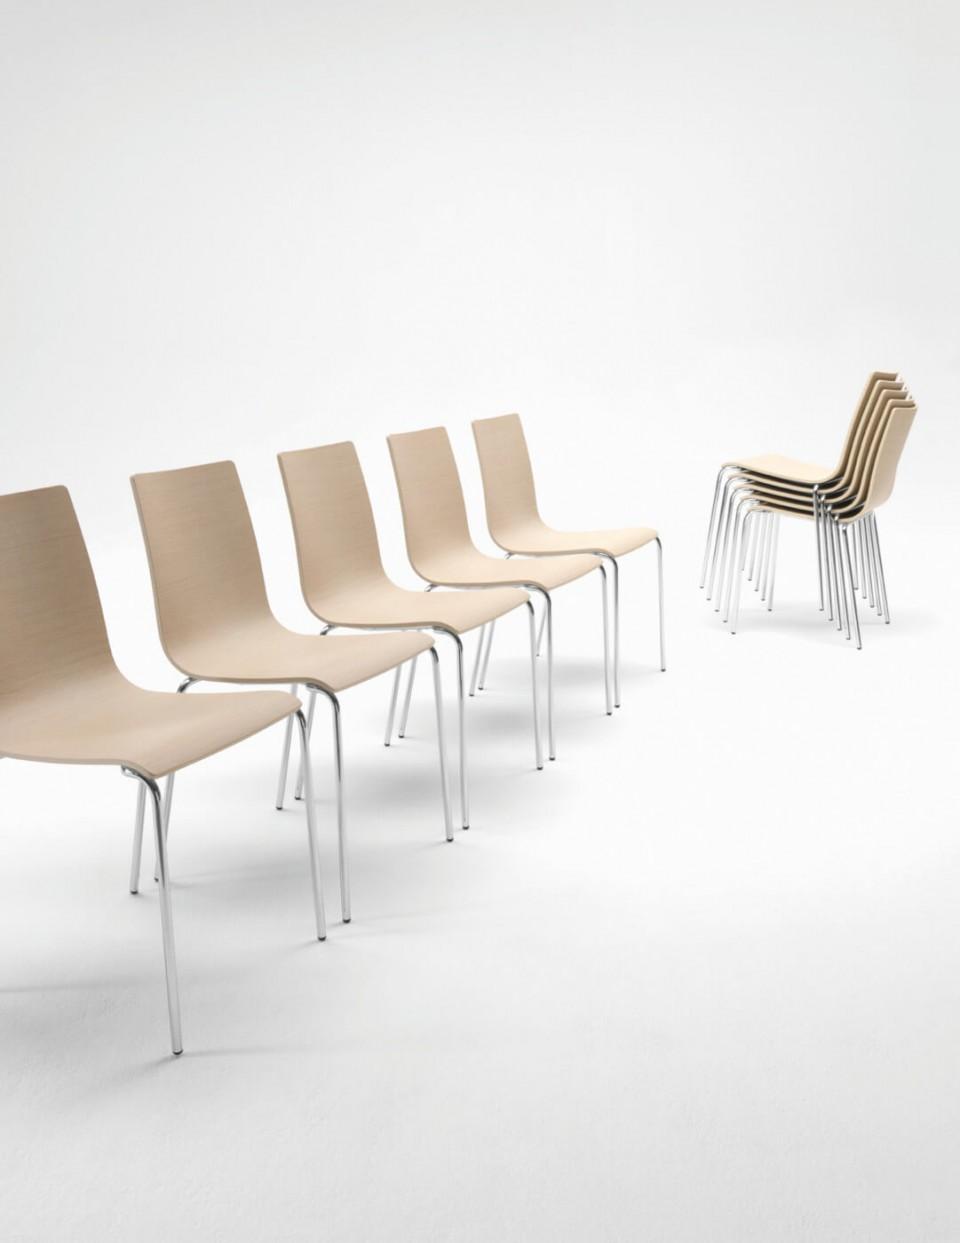 Sedia da interno Passepartout con base in legno e struttura in metallo